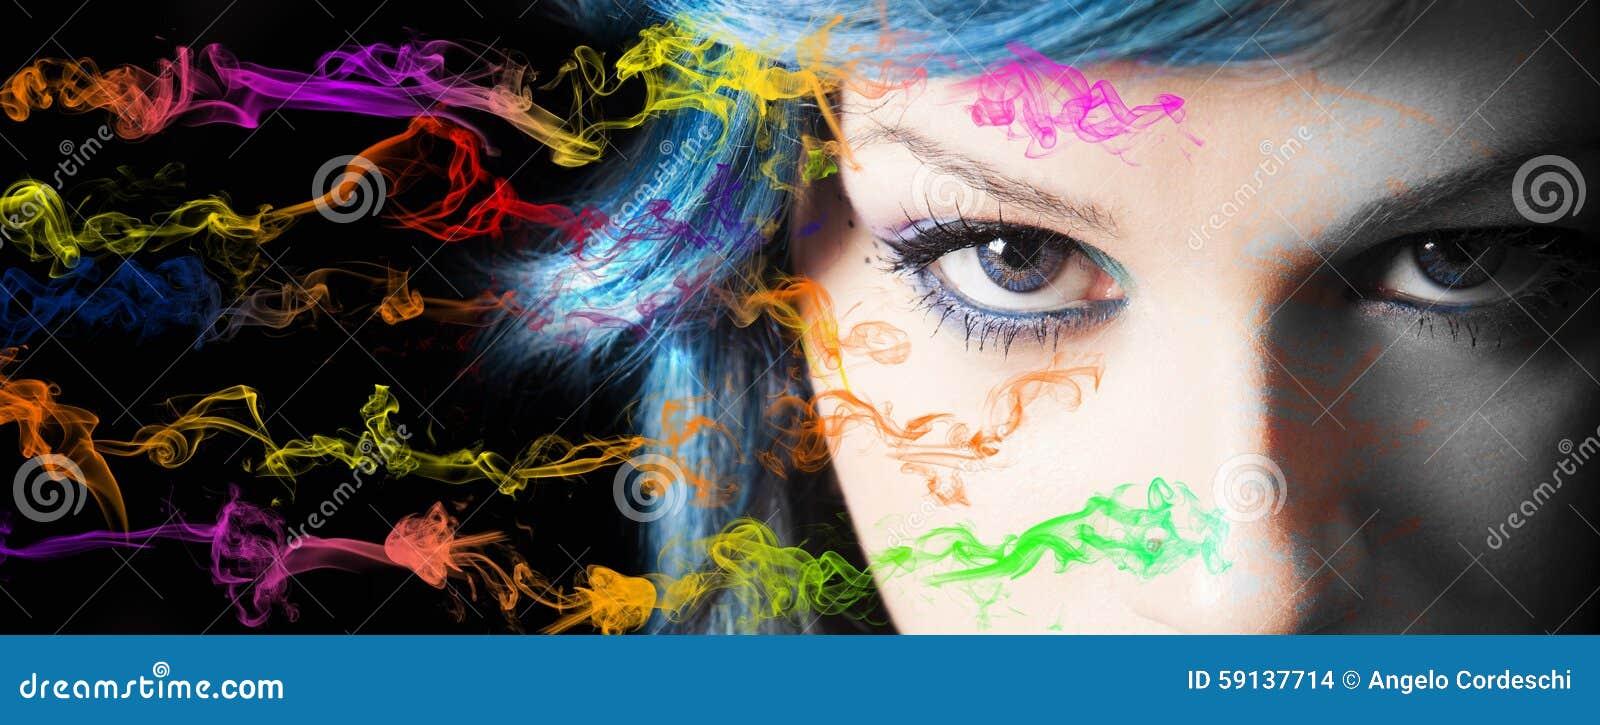 Maquillage Couleurs de maquillage et de fumée de visage de jeune femme